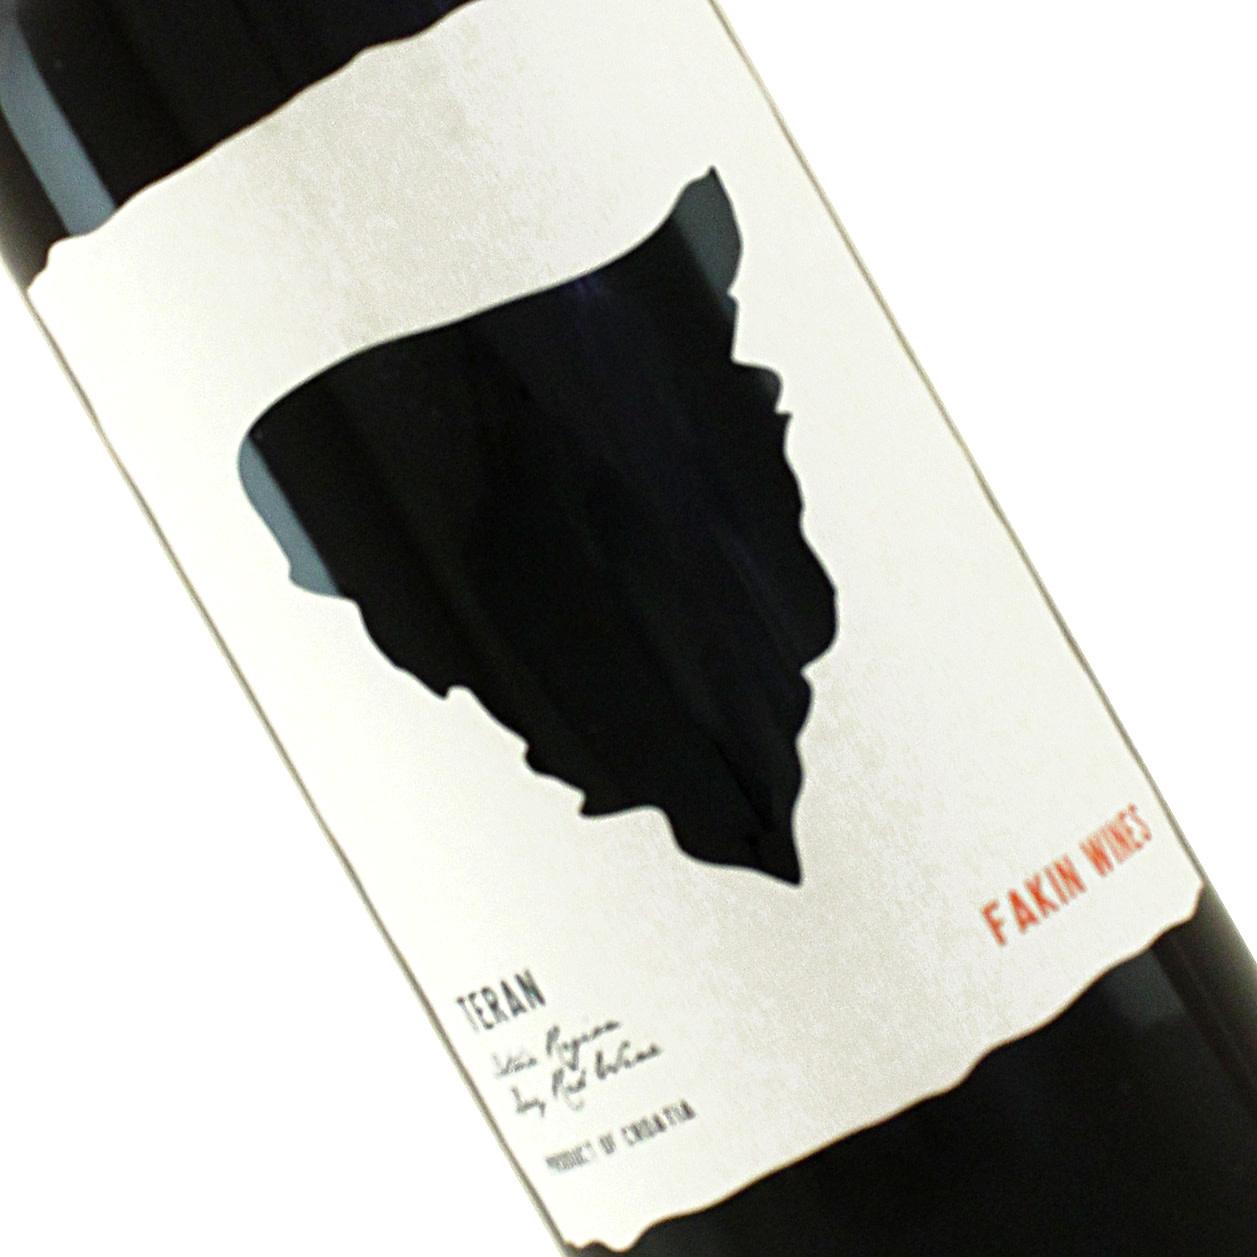 Fakin 2019 Teran Red Wine Istria, Croatia